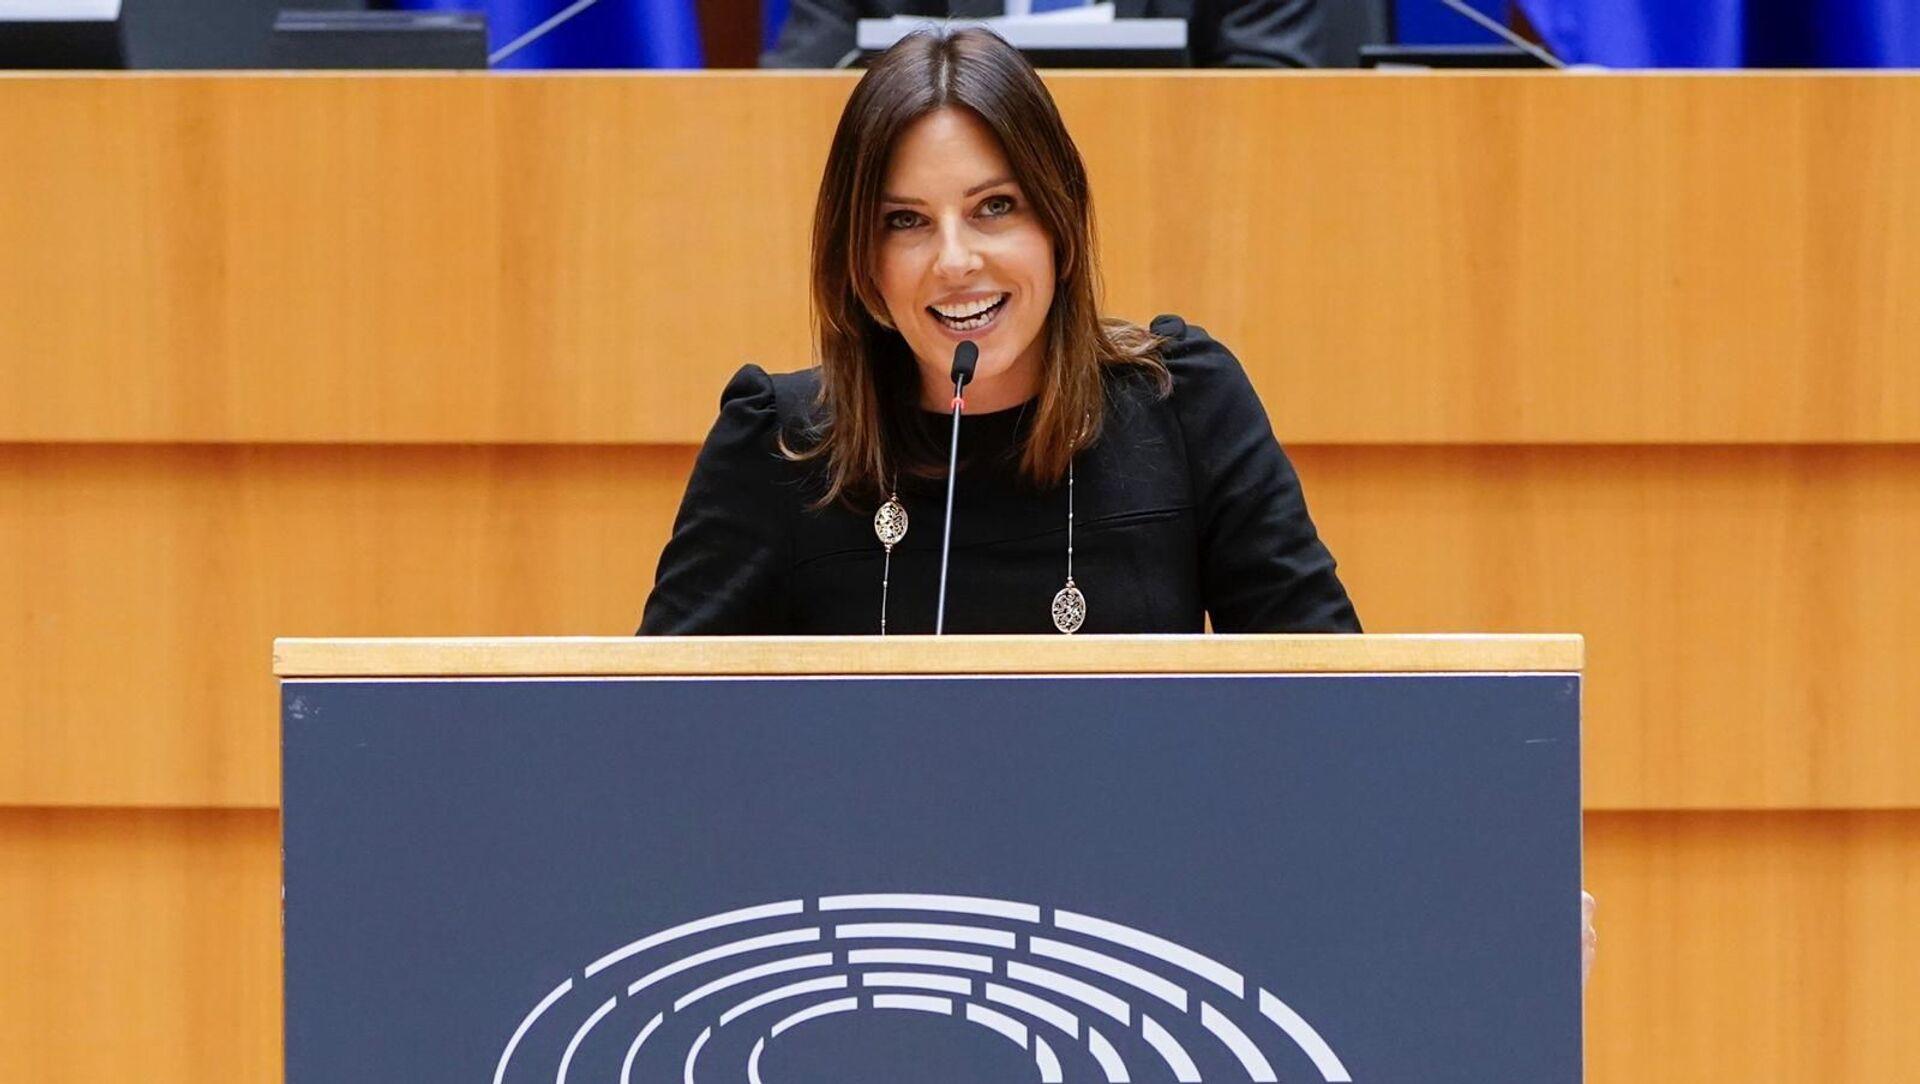 """Eurodeputato Tovaglieri legge il contratto UE-AstraZeneca: """"Secretati i dati importanti sui vaccini"""" - Sputnik Italia, 1920, 12.02.2021"""